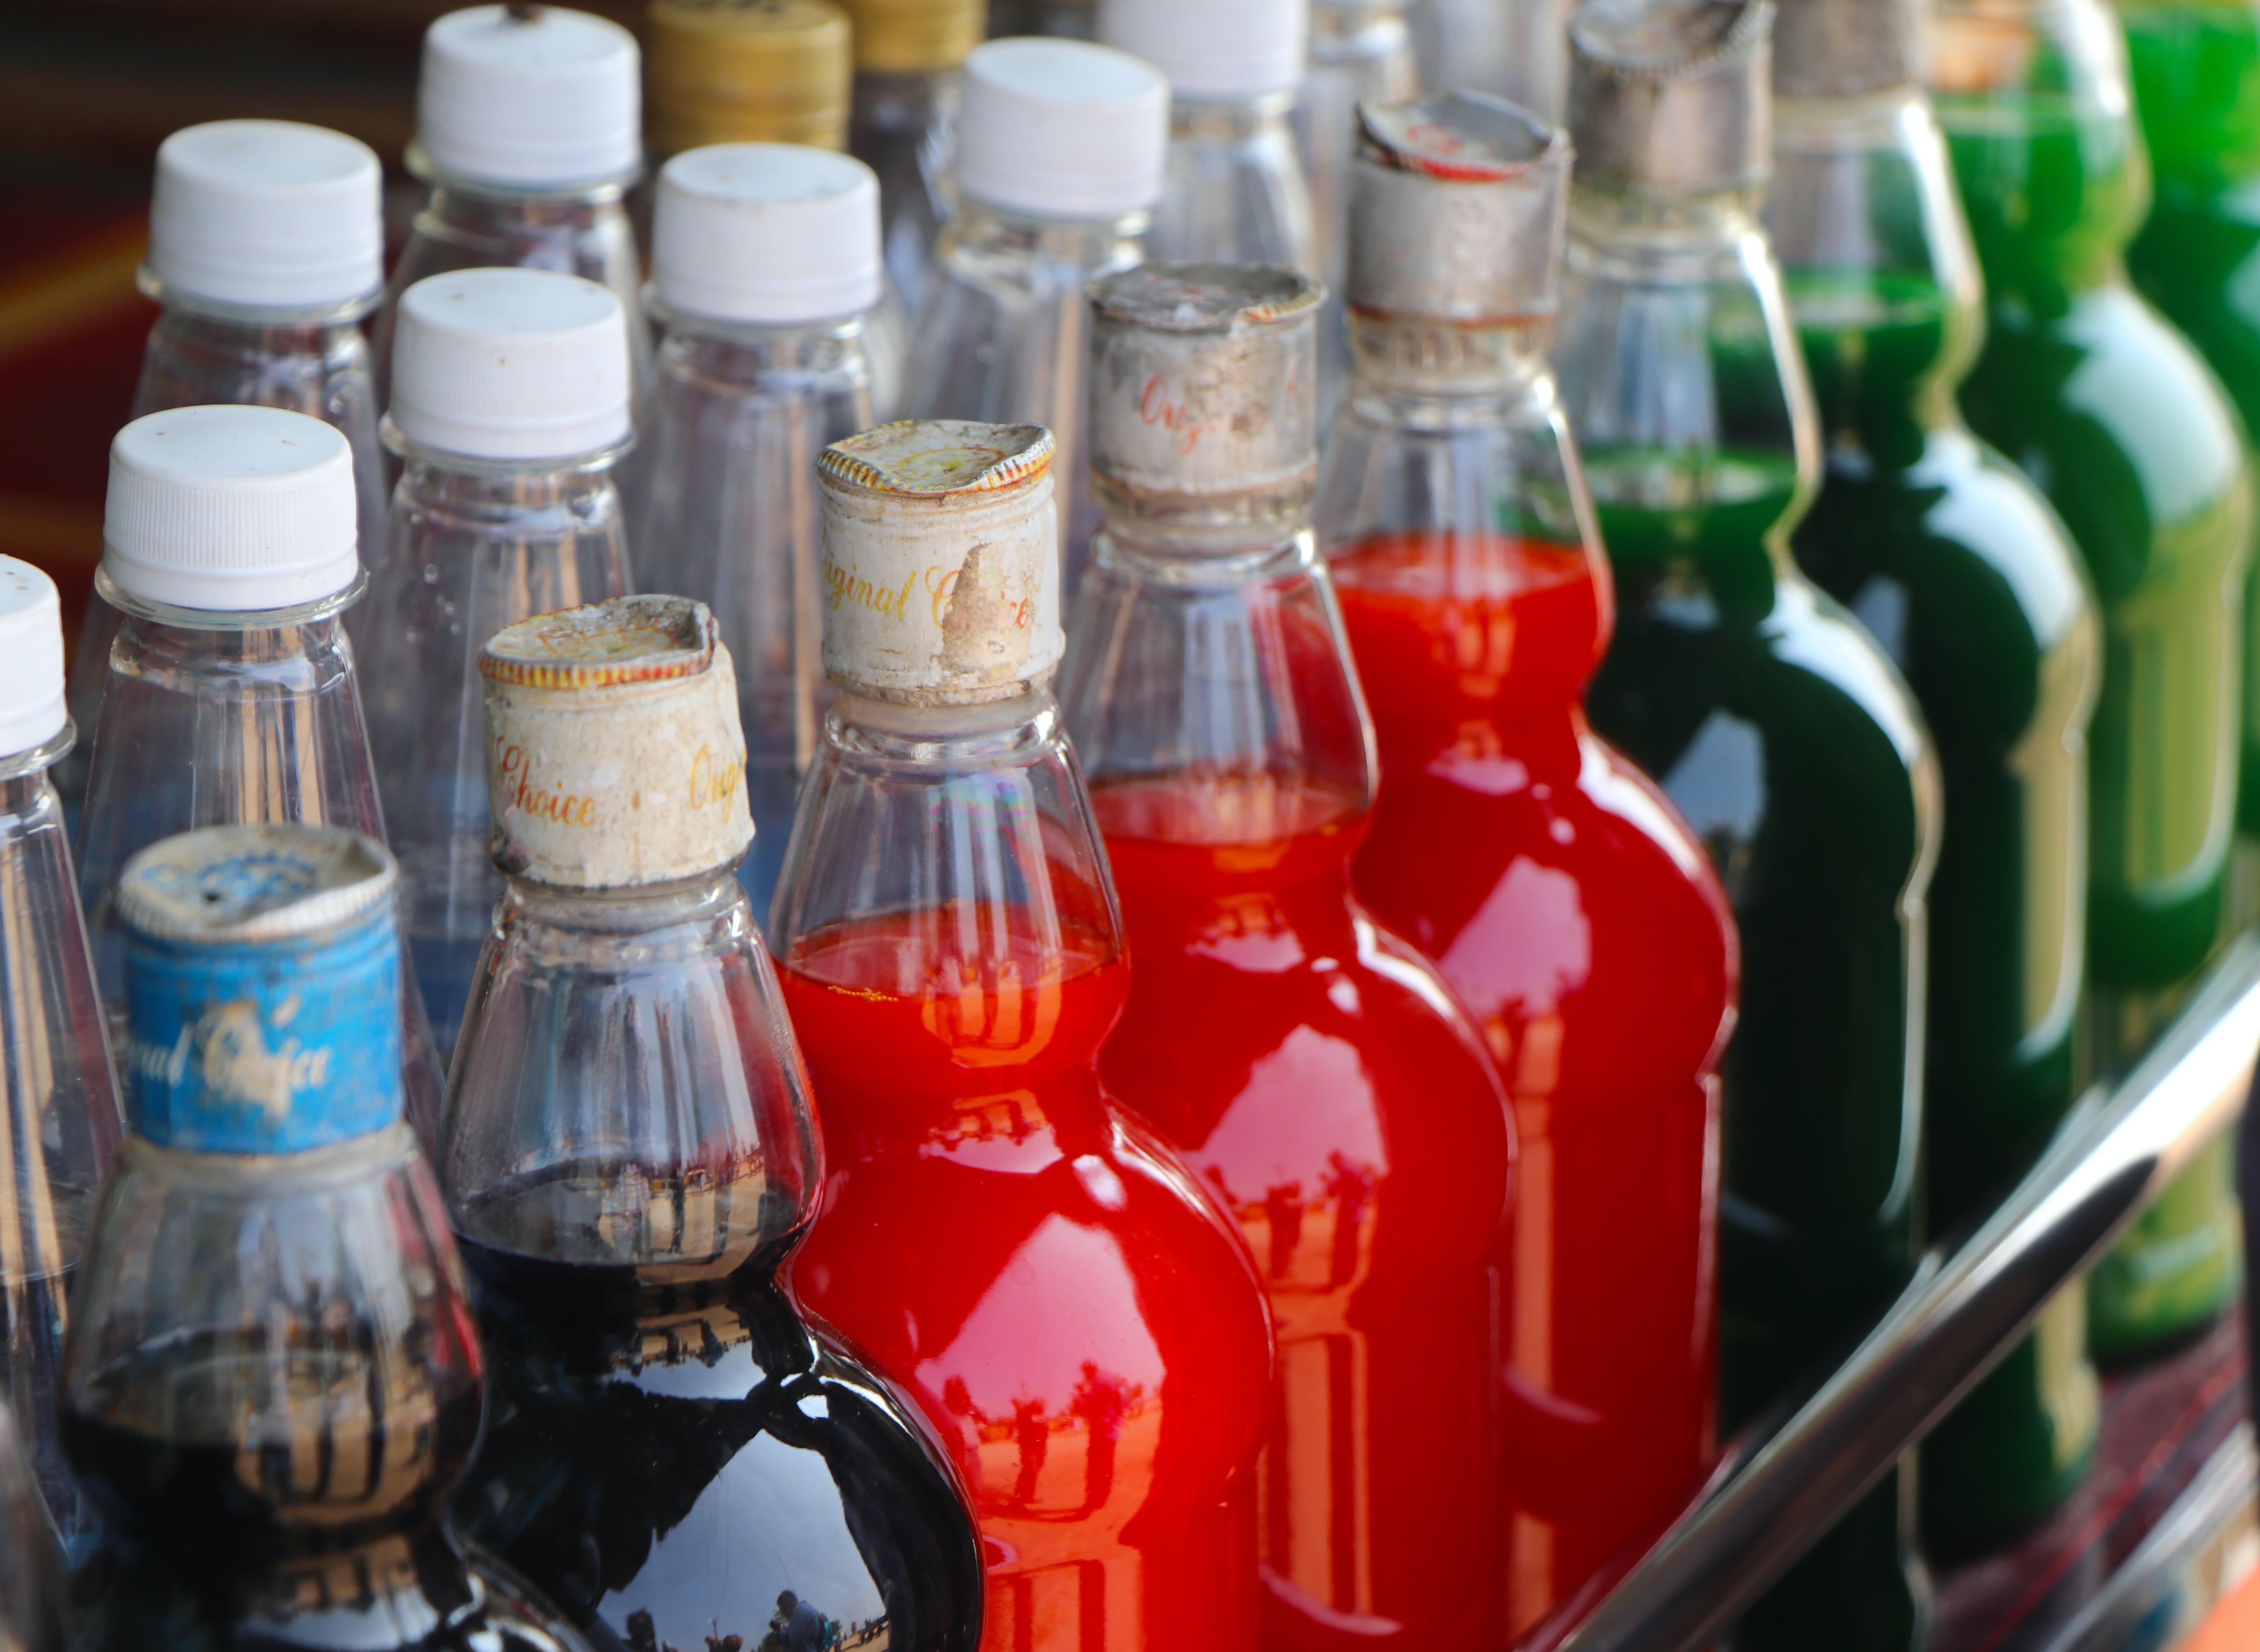 Free stock photo of bottle, bottles, glass bottle